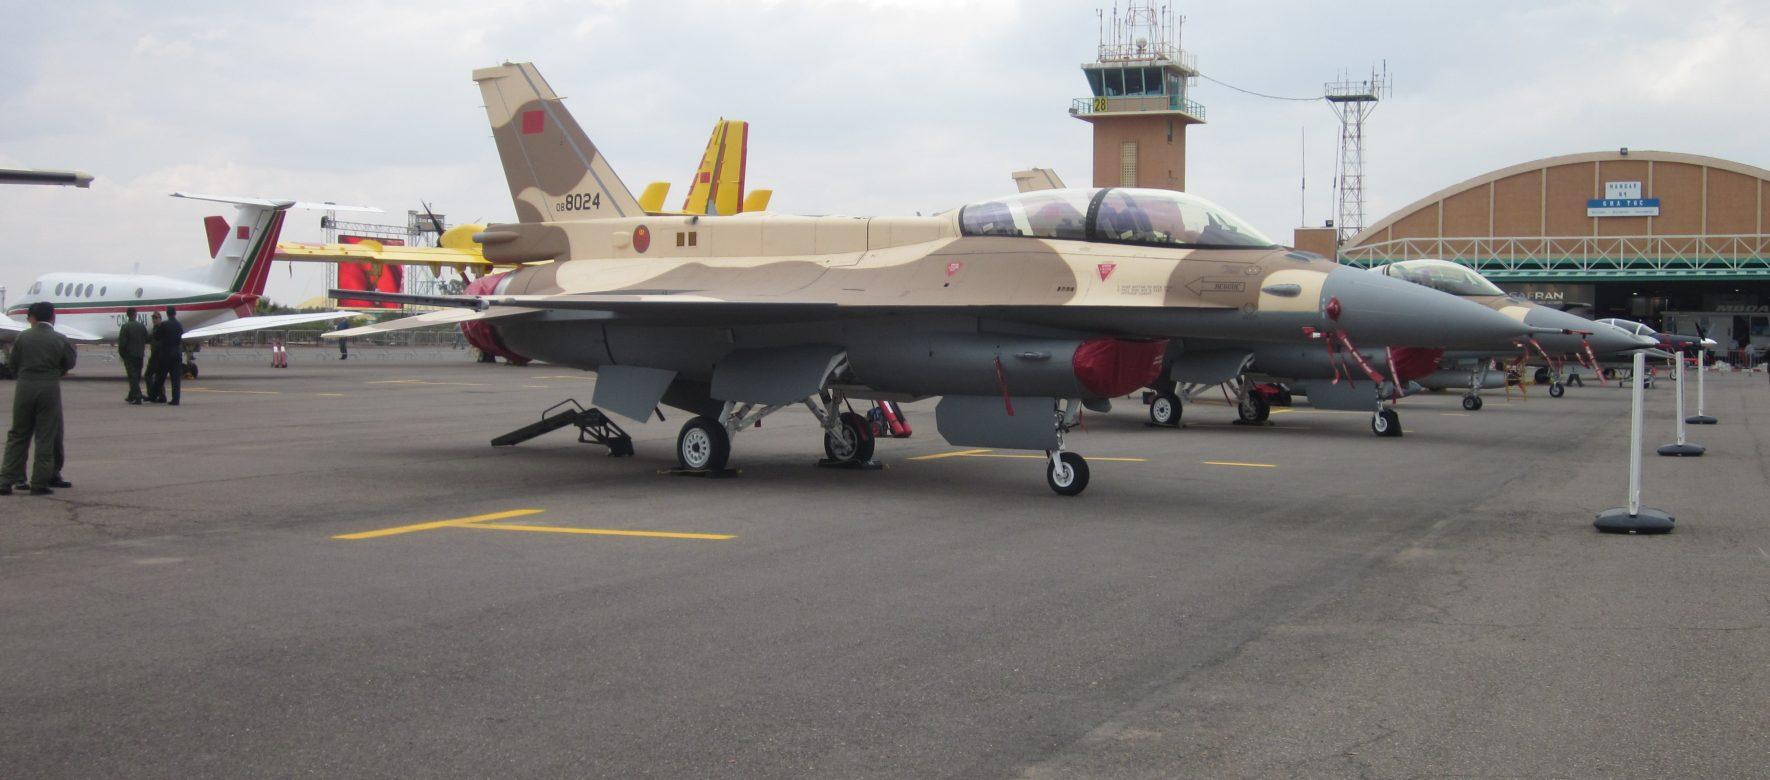 Le Maroc va doter ses avions de chasse d'un système électronique américain ultrasophistiqué